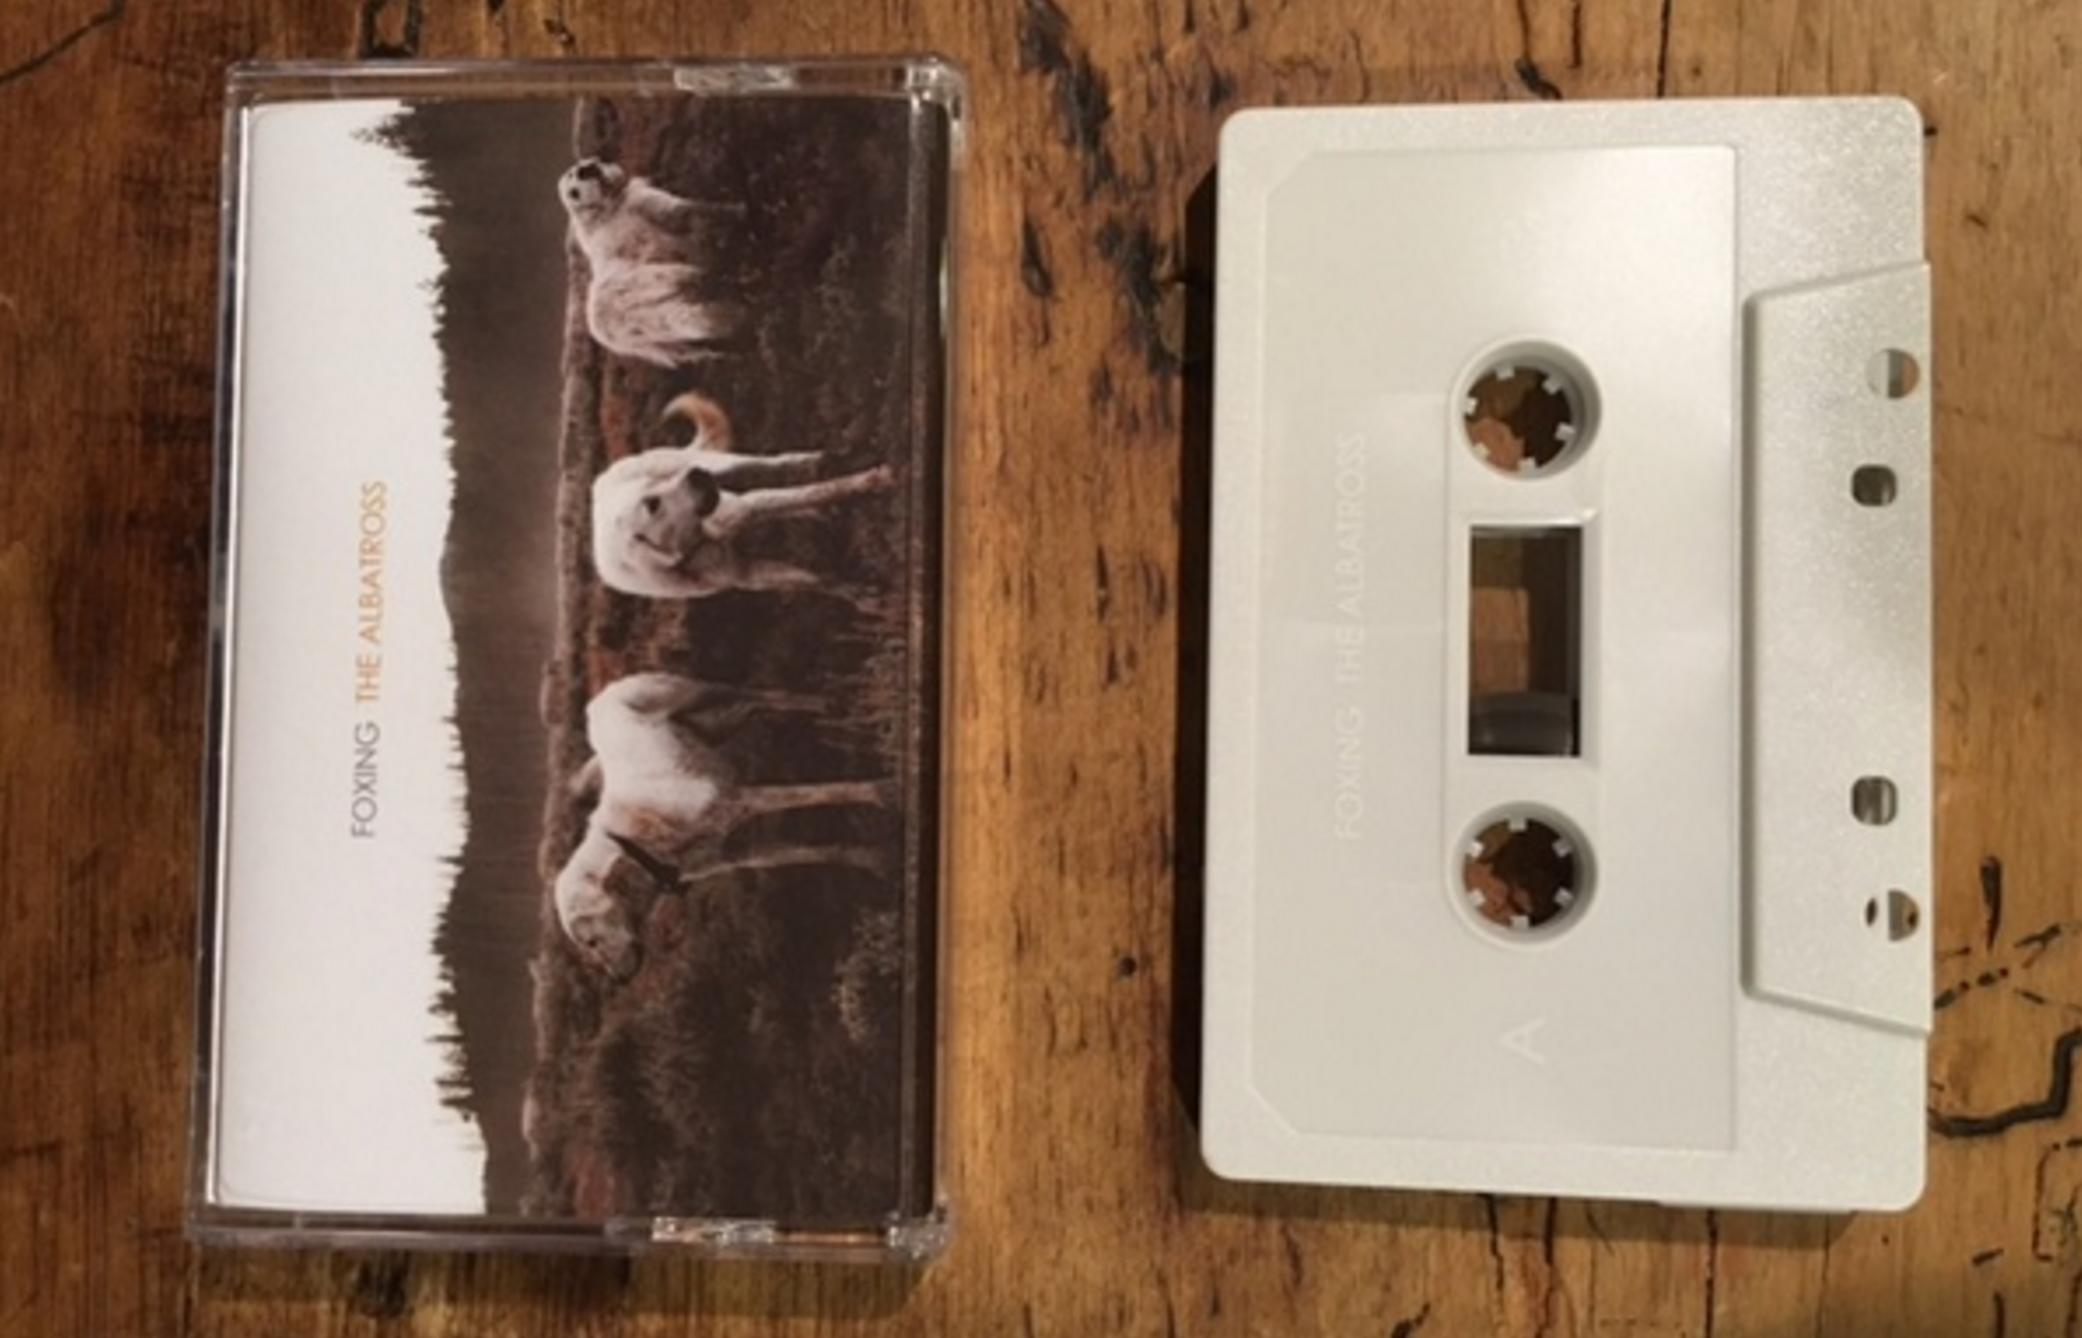 Cassette Releases Foxing Modern Vinyl